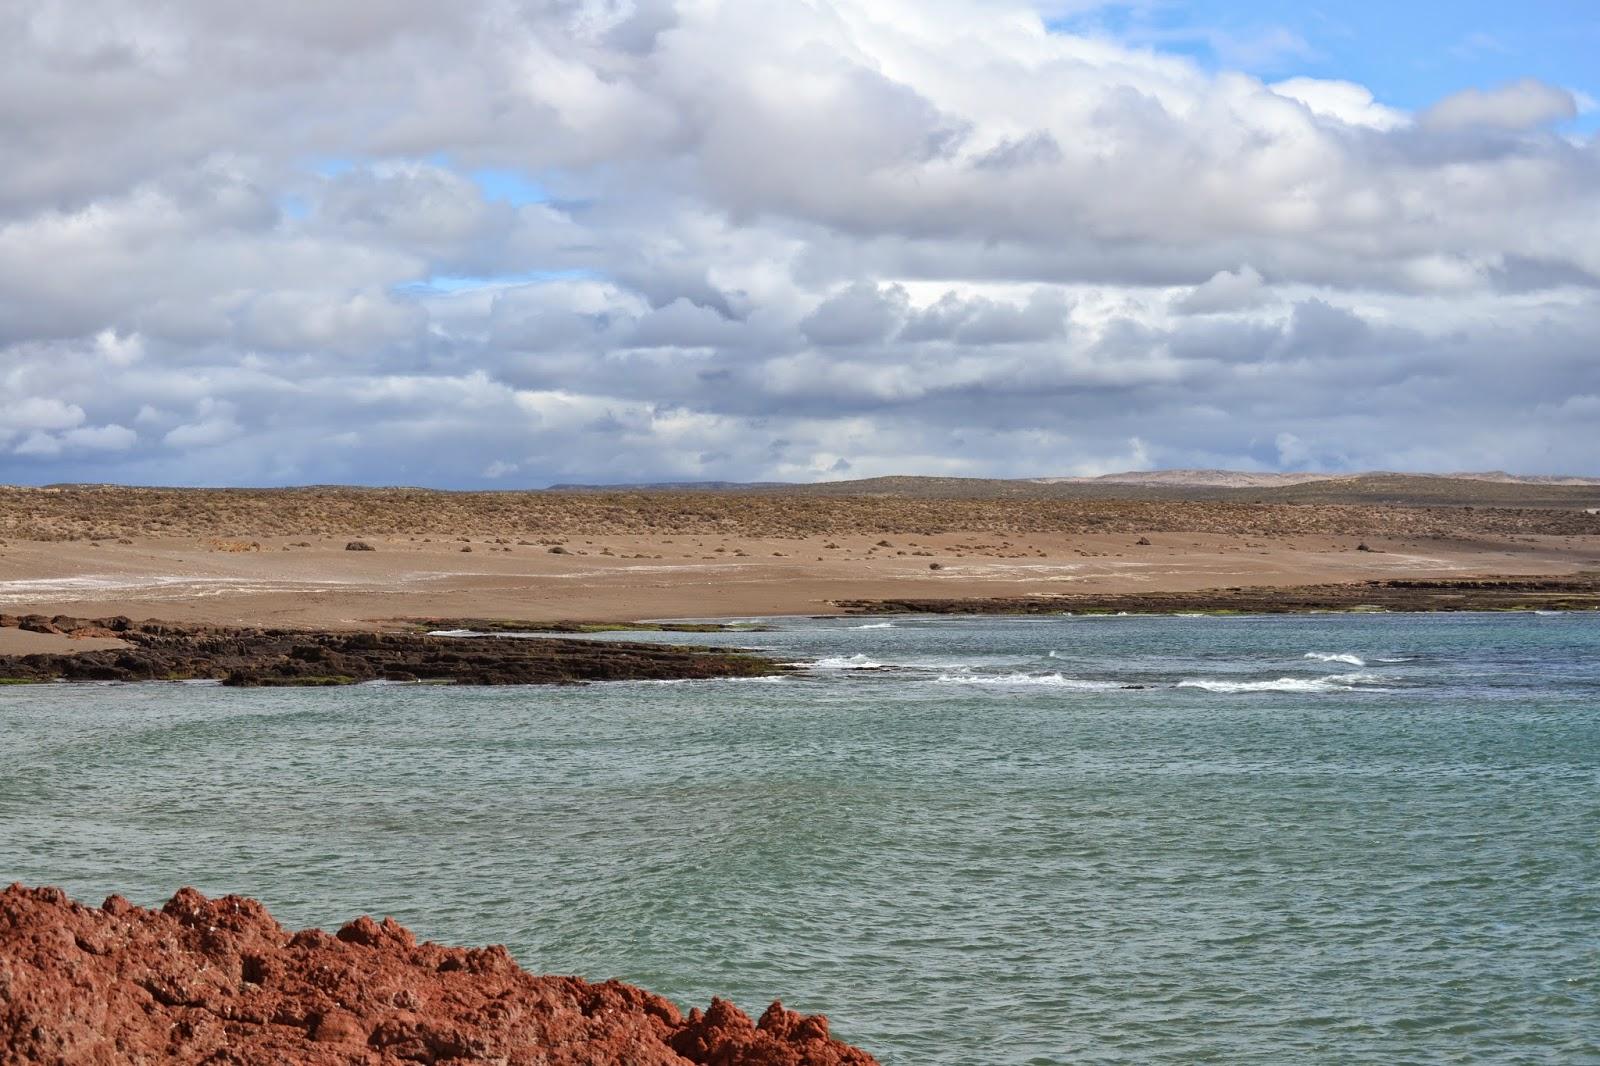 punto tombo patagonia argentina